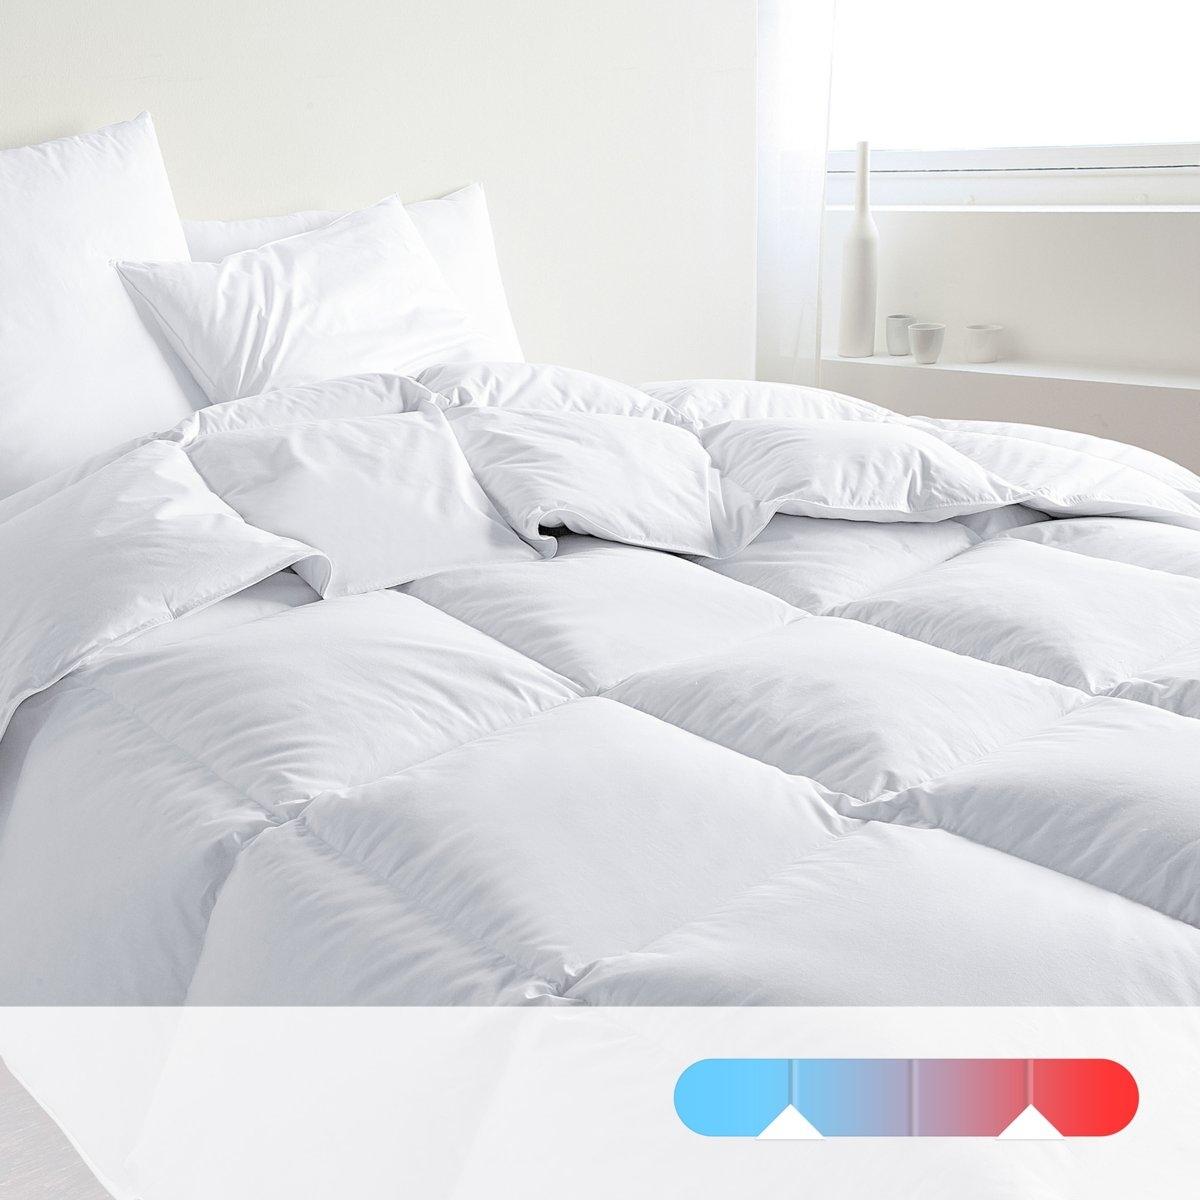 Одеяло двойное, 50% натурального утиного пуха DODO, с обработкой против клещей